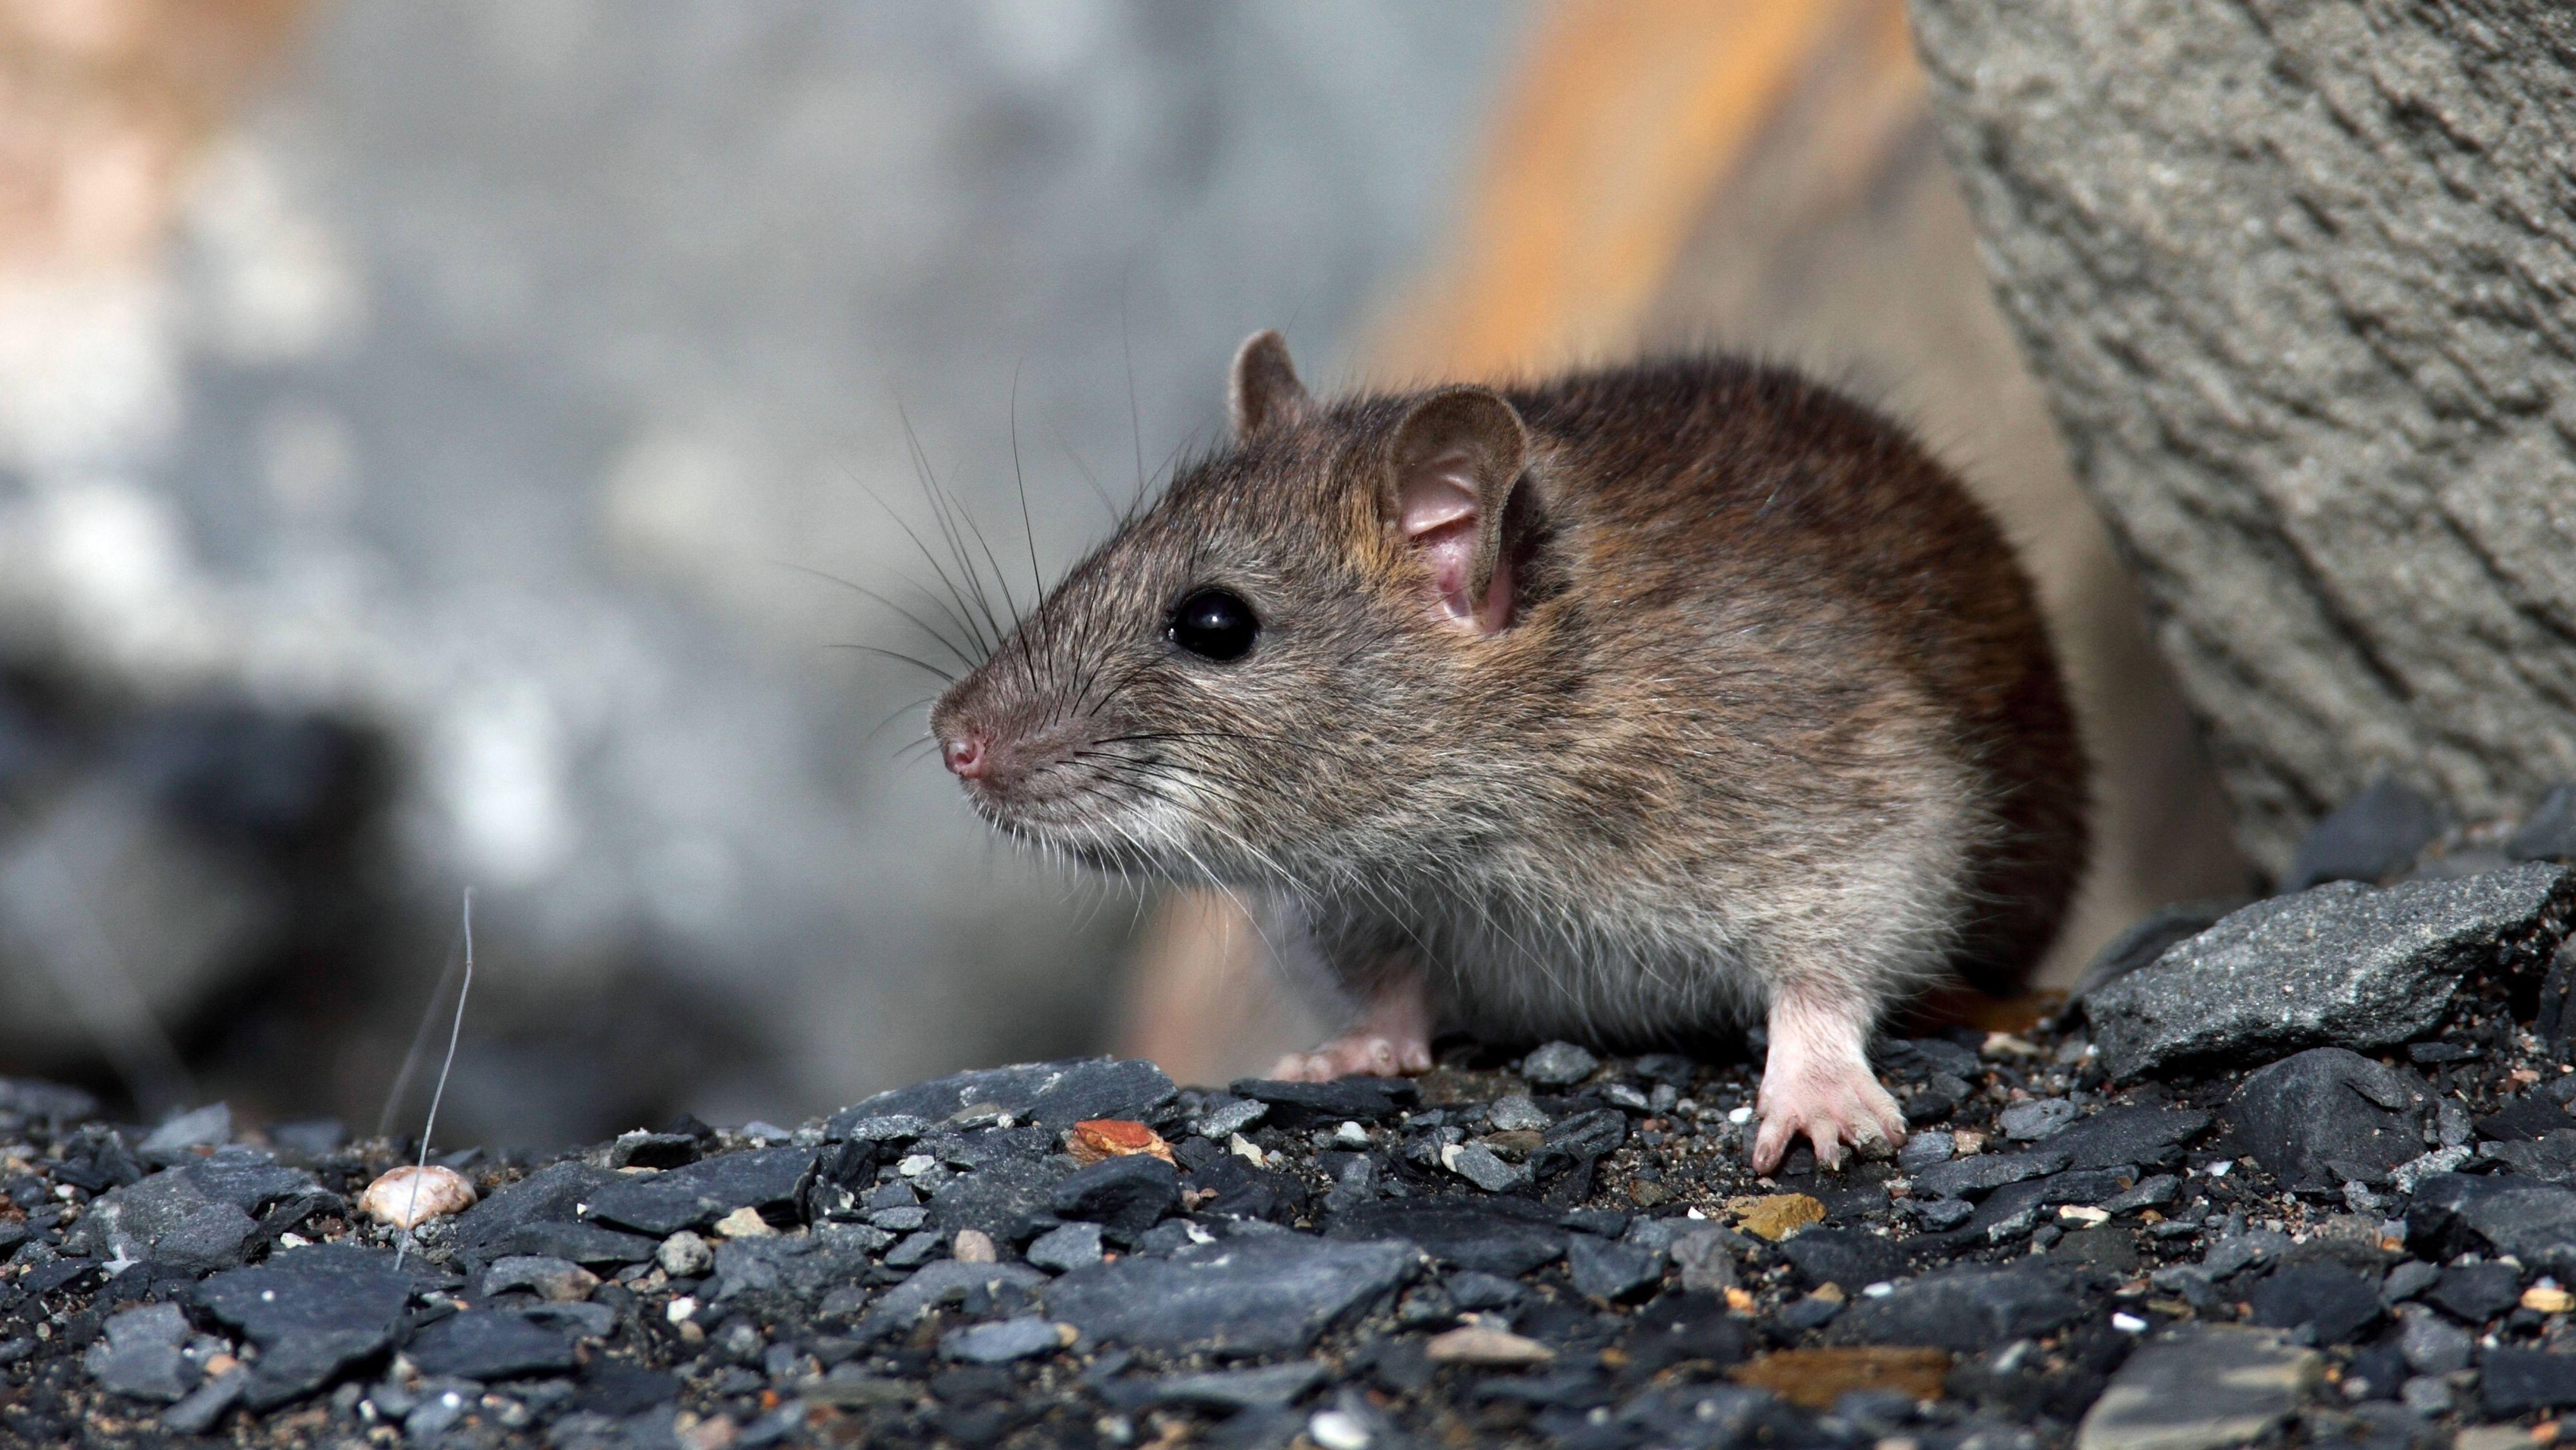 Wanderratte ((Rattus norvegicus), fotografiert in Huelva, einer Stadt in Spanien